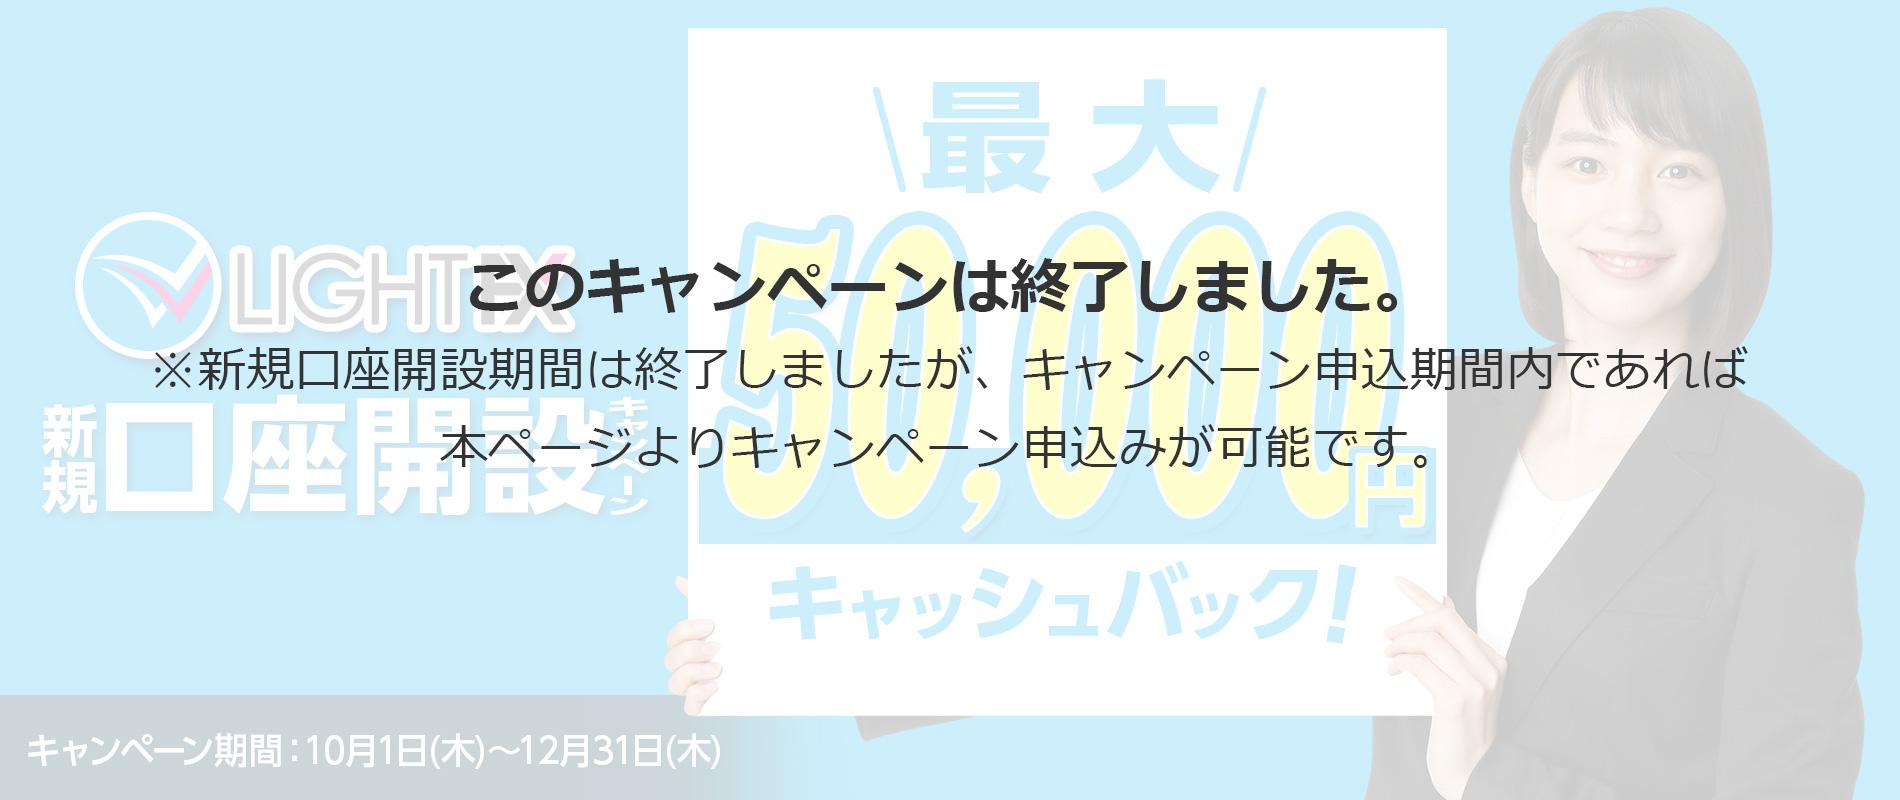 新規口座開設50,000円キャッシュバック(2020年10月~12月)